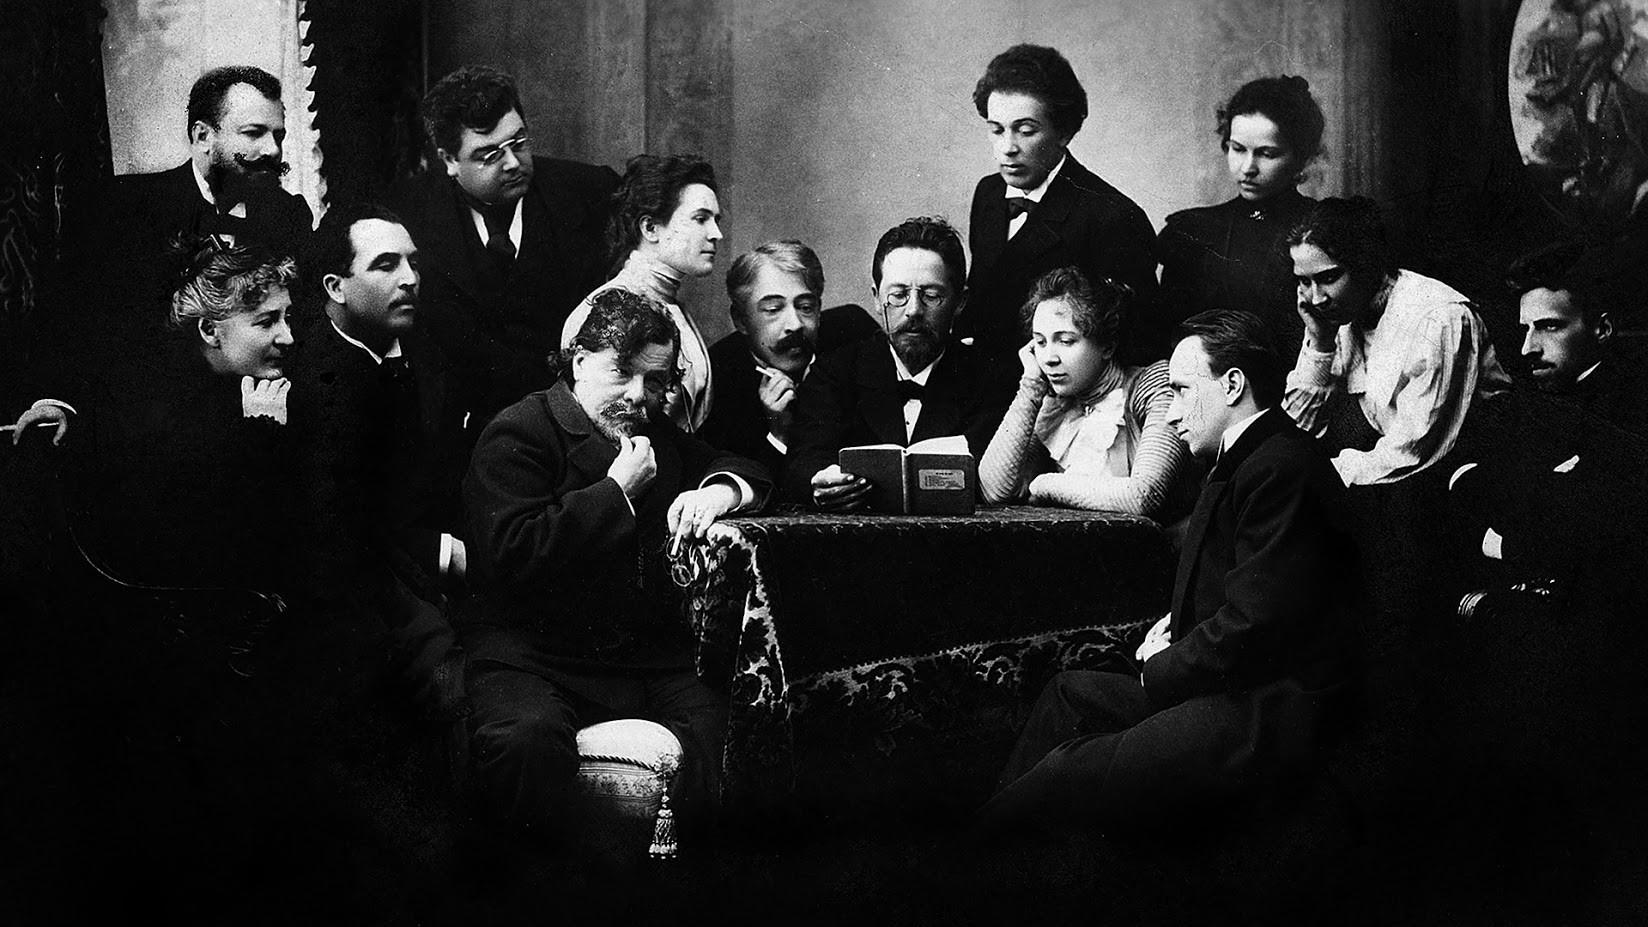 Čehov bere dramo Galeb skupini igralcev in režiserjev: Med njimi so tudi Konstantin Stanislavski (levo od Čehova), igralka in potem žena Olga Knipper (druga levo od Čehova), Vsevolod Mejerhold (desno) in Vladimir Dančenko (stoji na levi)